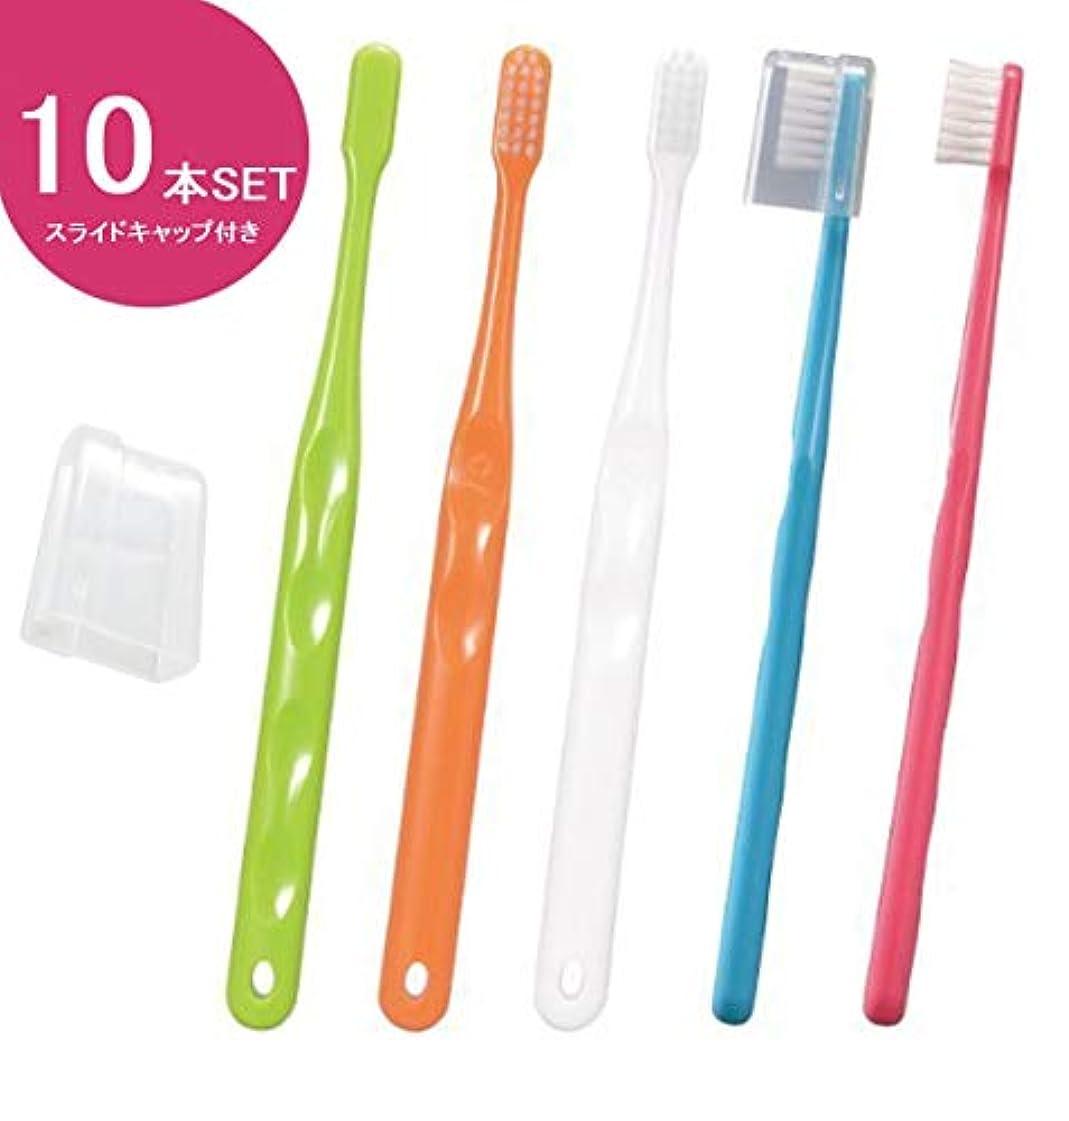 デザートハードウェア祭りCiメディカル Ci700 (超先細+ラウンド毛) 歯ブラシ S(やわらかめ) スライドキャップ付き 10本